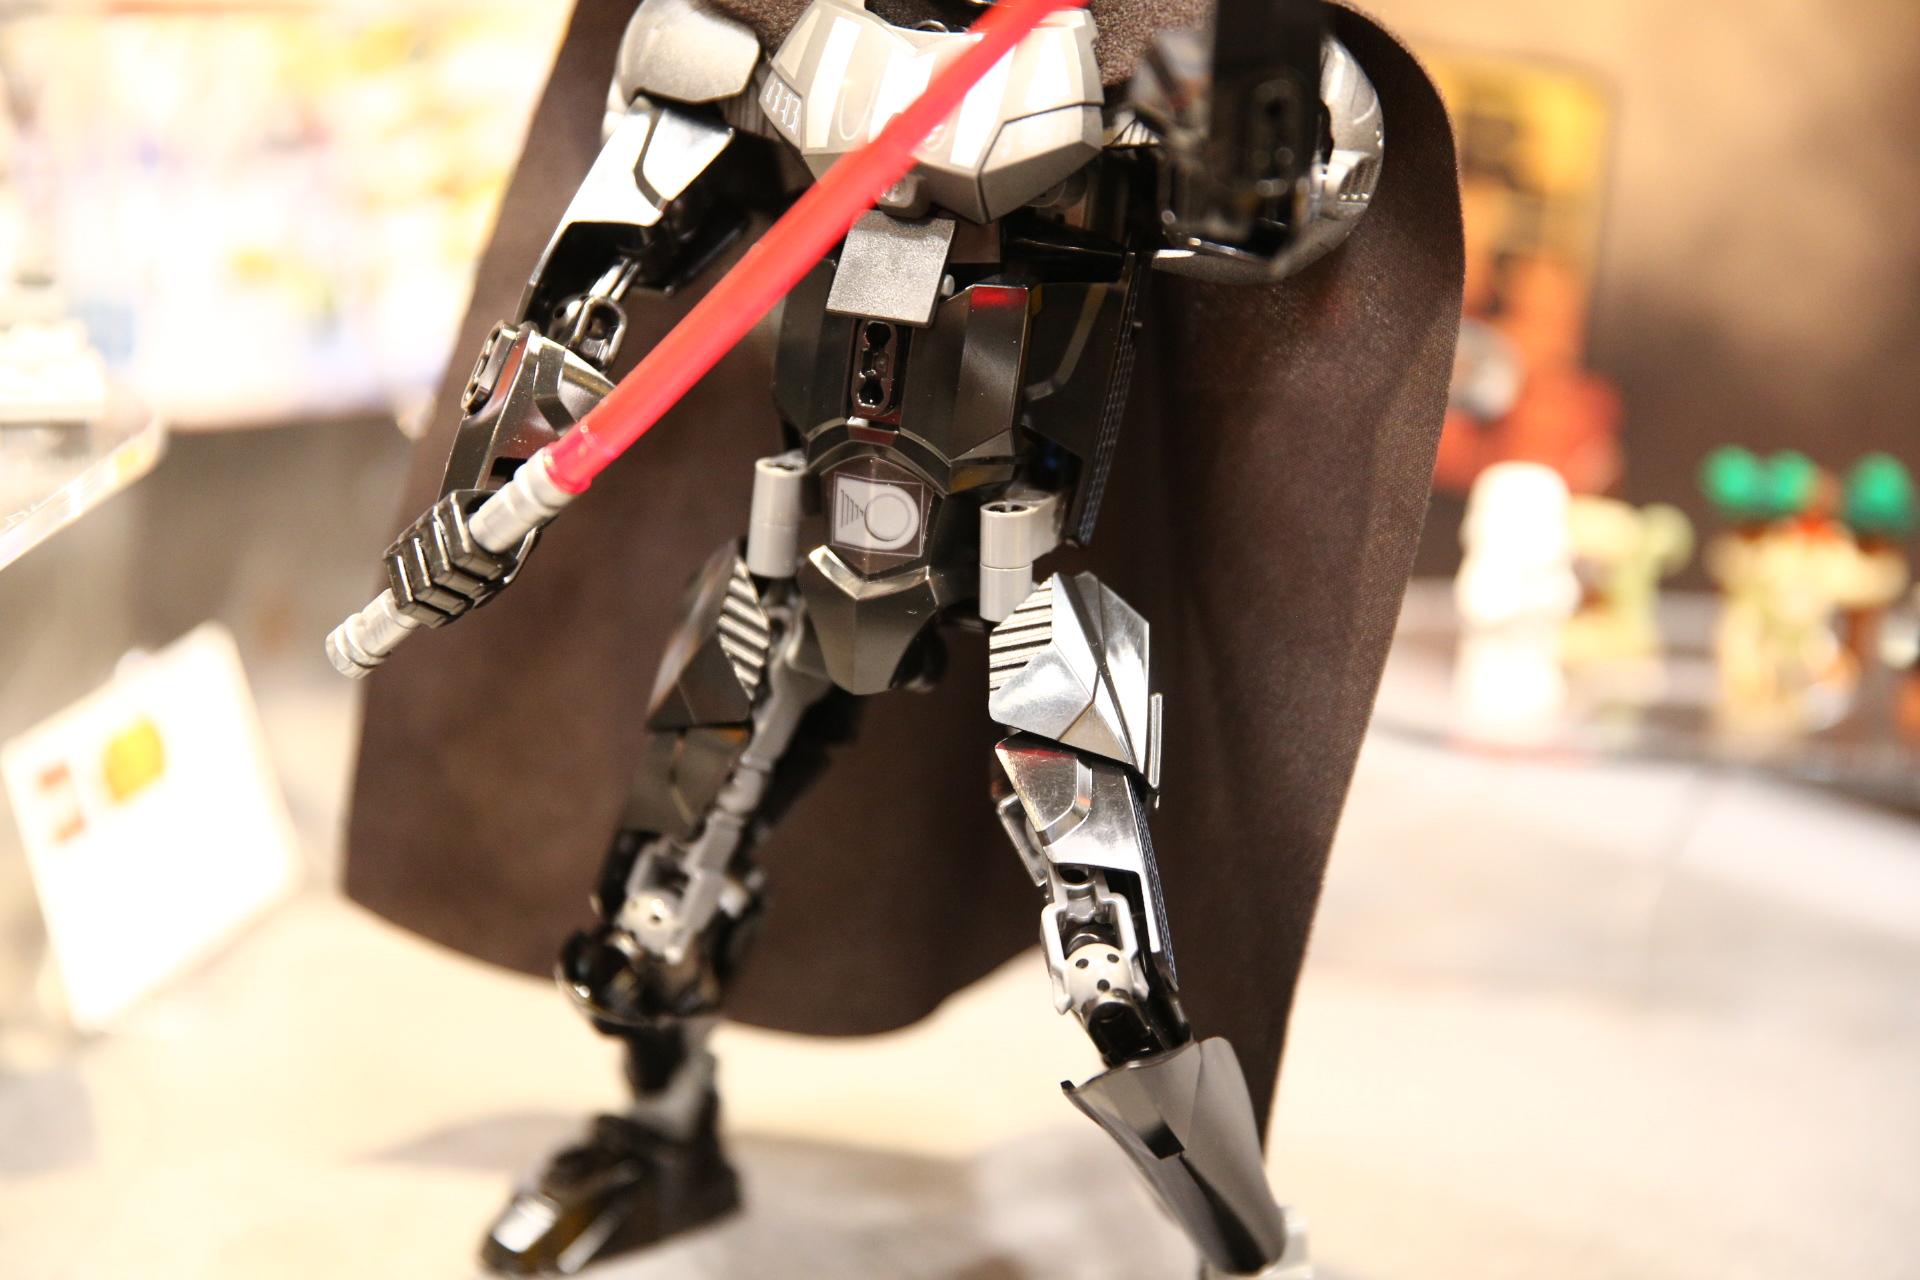 [Produits] Des Figurines d'Action LEGO Star Wars prévues pour l'automne 2015 ! - Page 2 2015-02-14-06.24.39